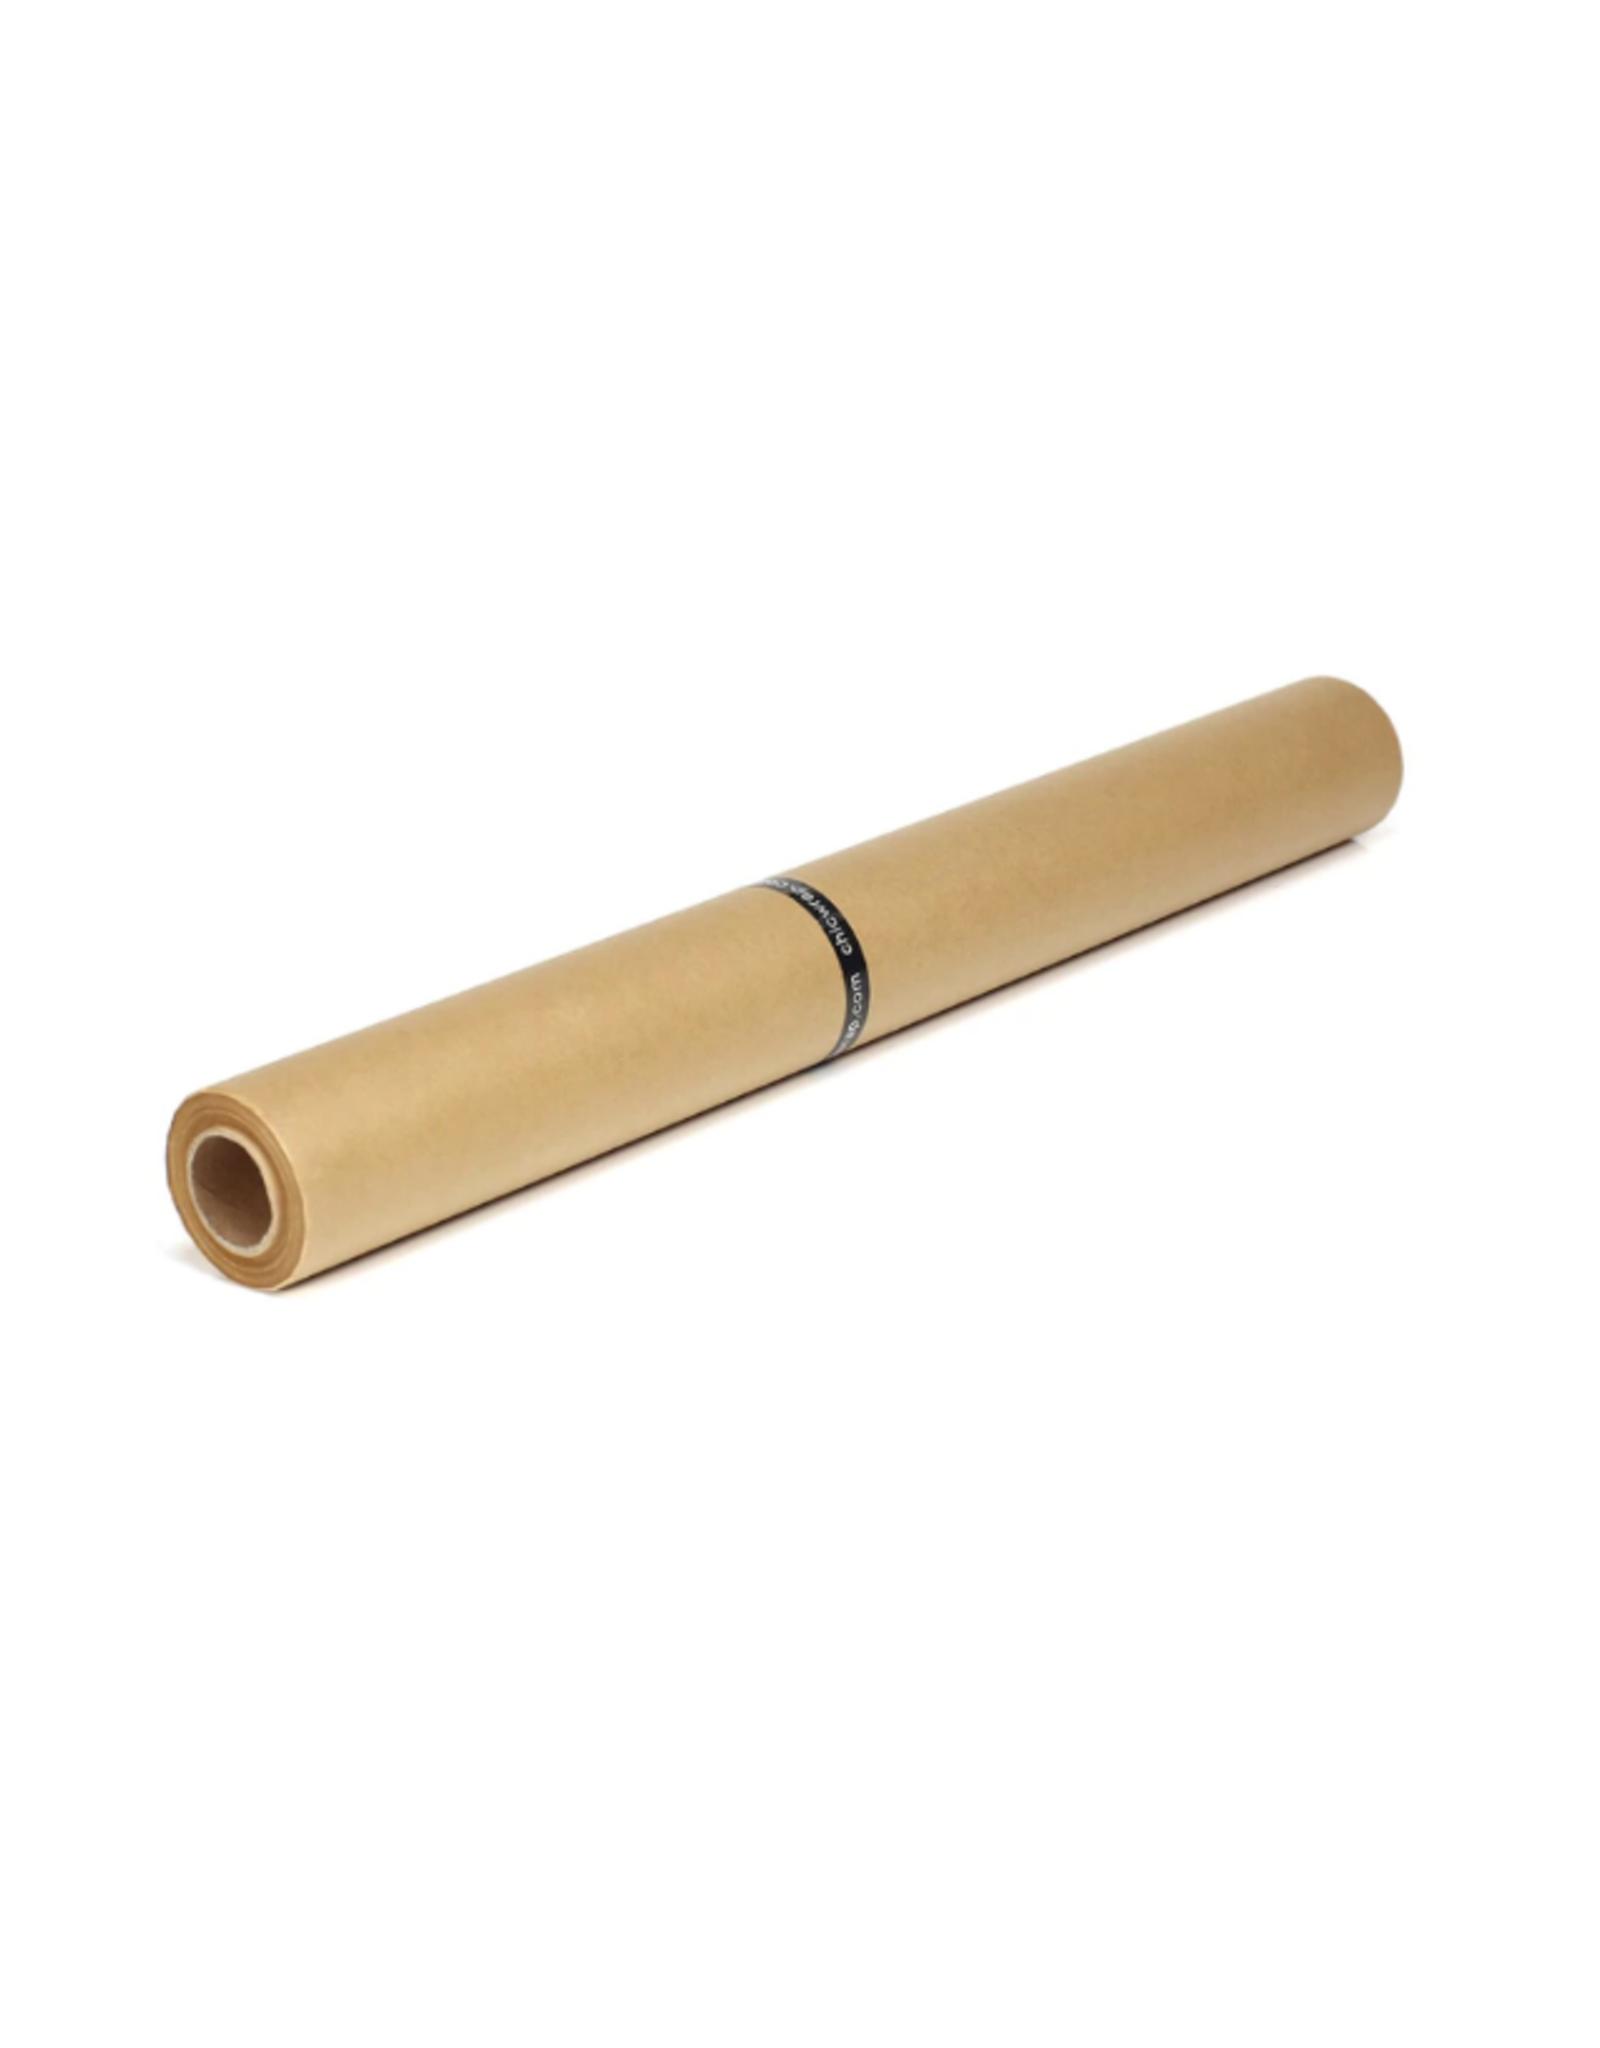 Chic Wrap Chic Wrap Parchment - Refills